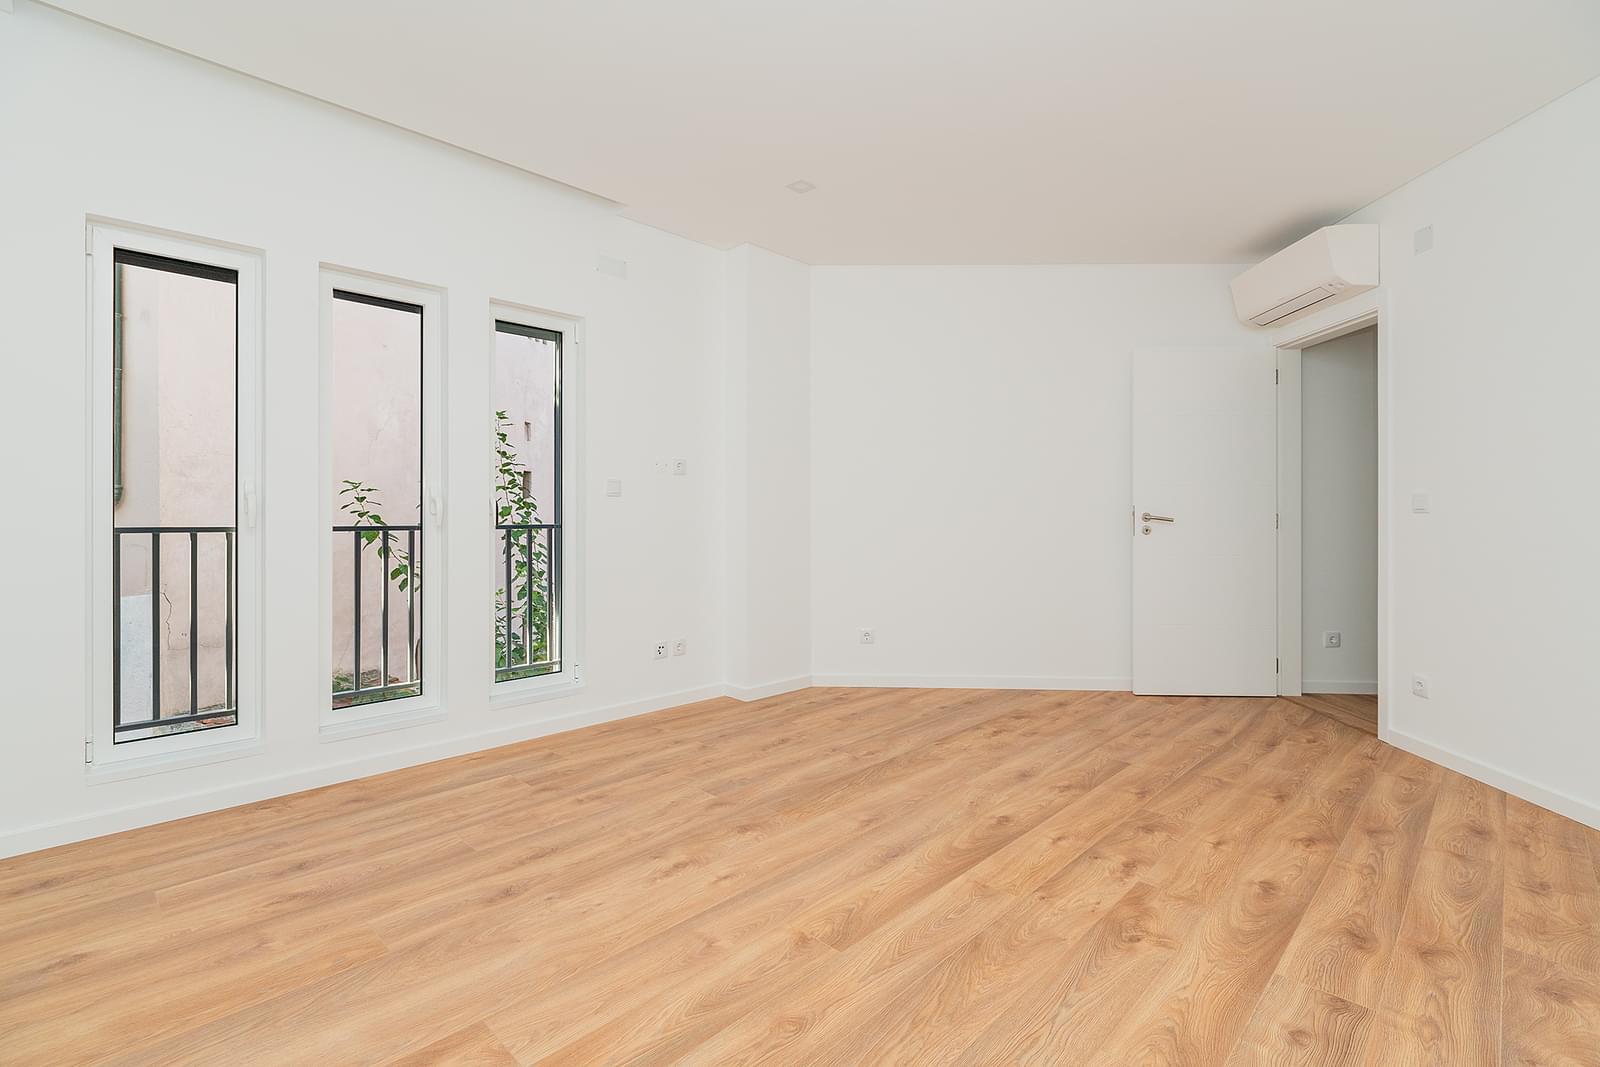 pf16829-apartamento-t1-lisboa-16c28002-742c-4332-8142-365747293a0c